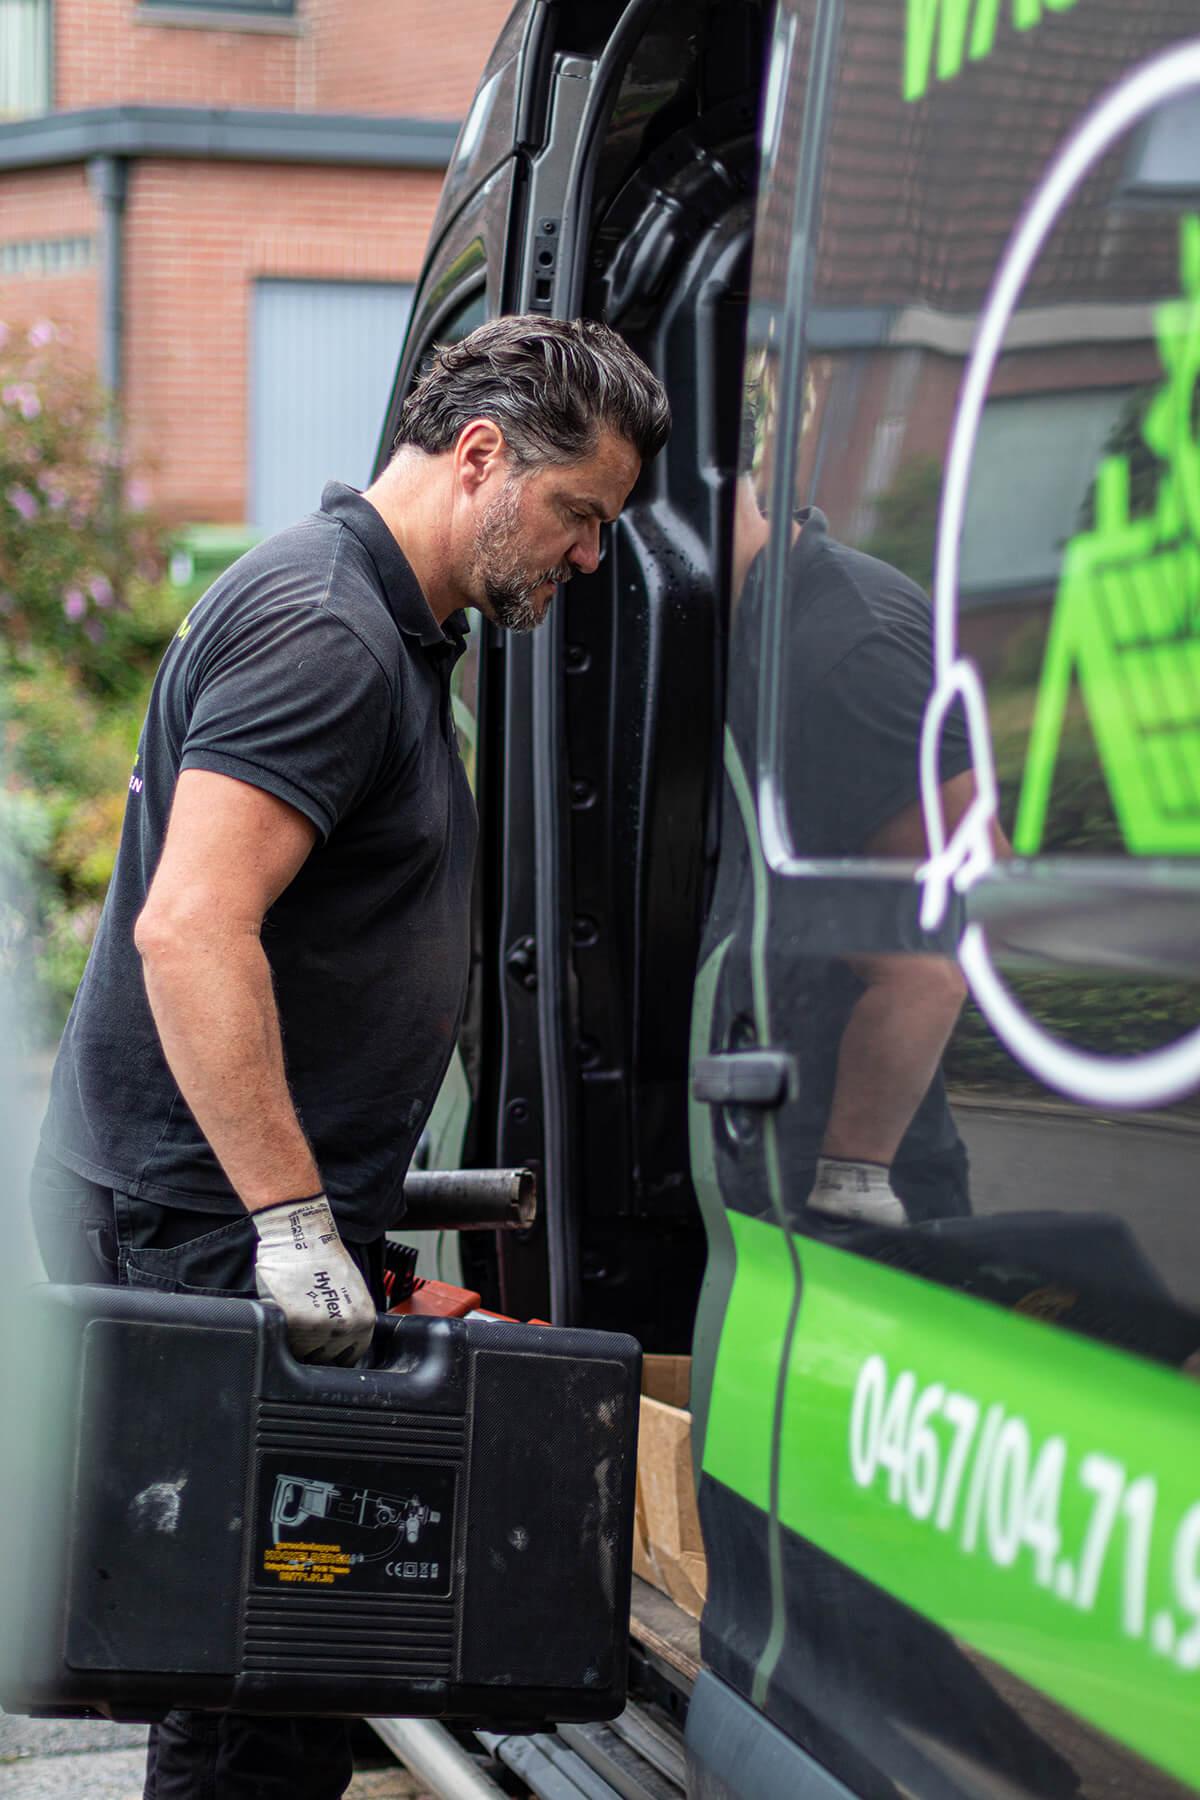 Zaakvoerder zet gereedschapskoffer in camionette.